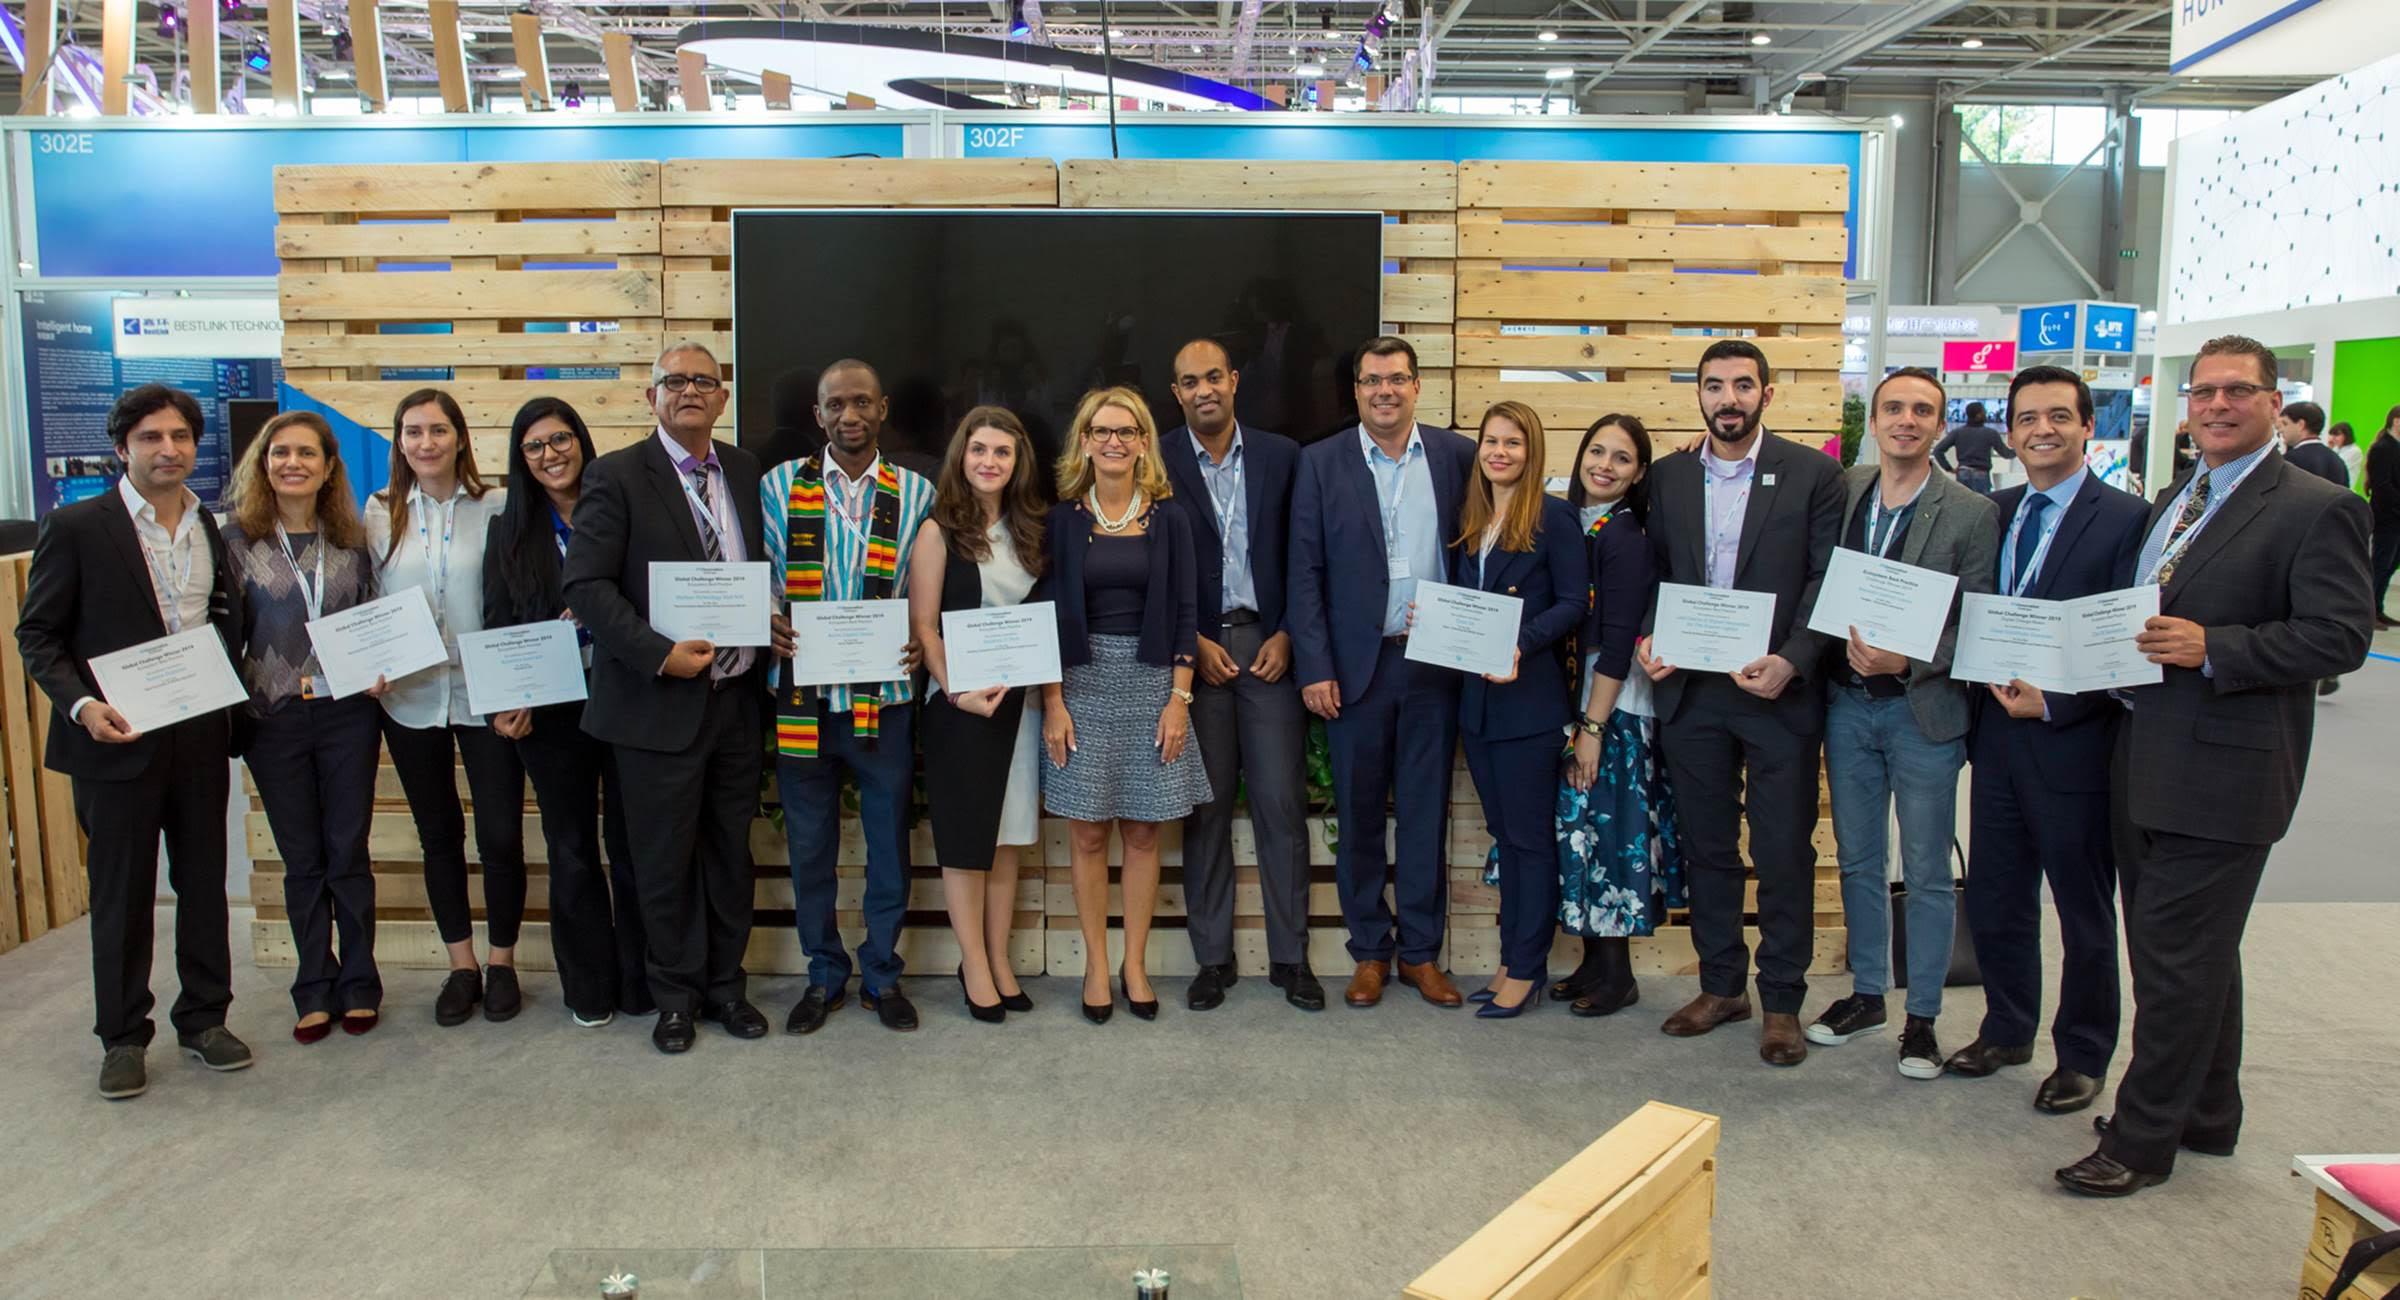 Insights a fost premiat de Uniunea Internațională în domeniul Telecomunicațiilor, agenția Națiunilor Unite specializată pe informații și telecomunicații